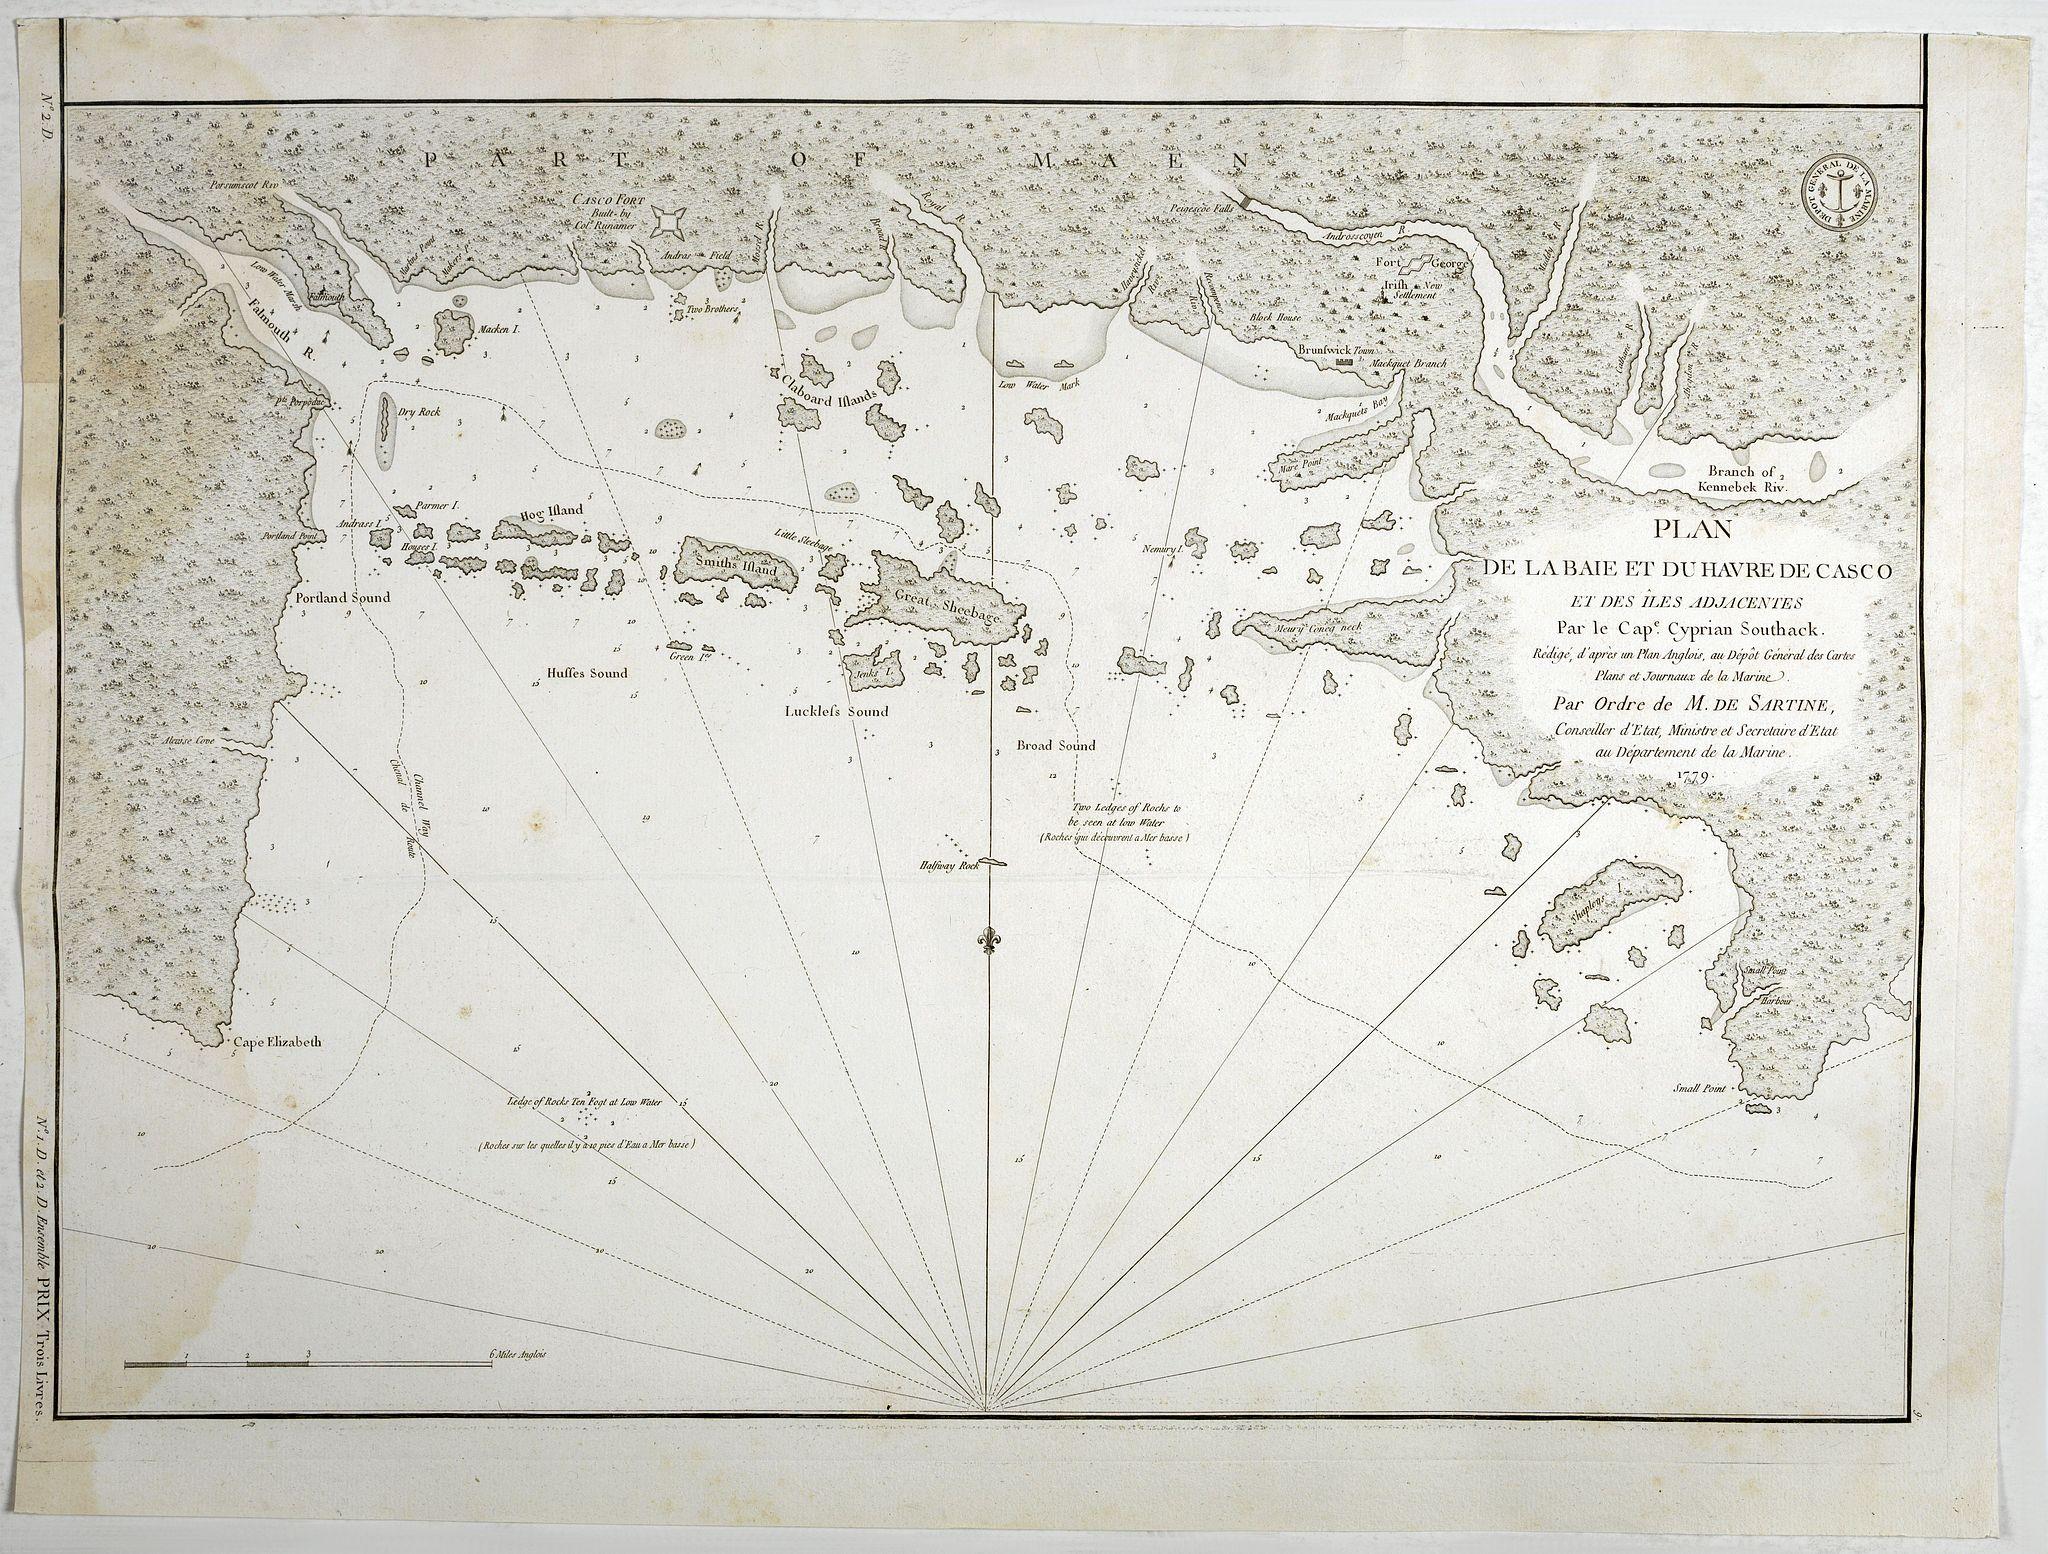 DÉPOT DE LA MARINE: - Plan de la Baie et du Havre de Casco et des Iles Adjacents. . .